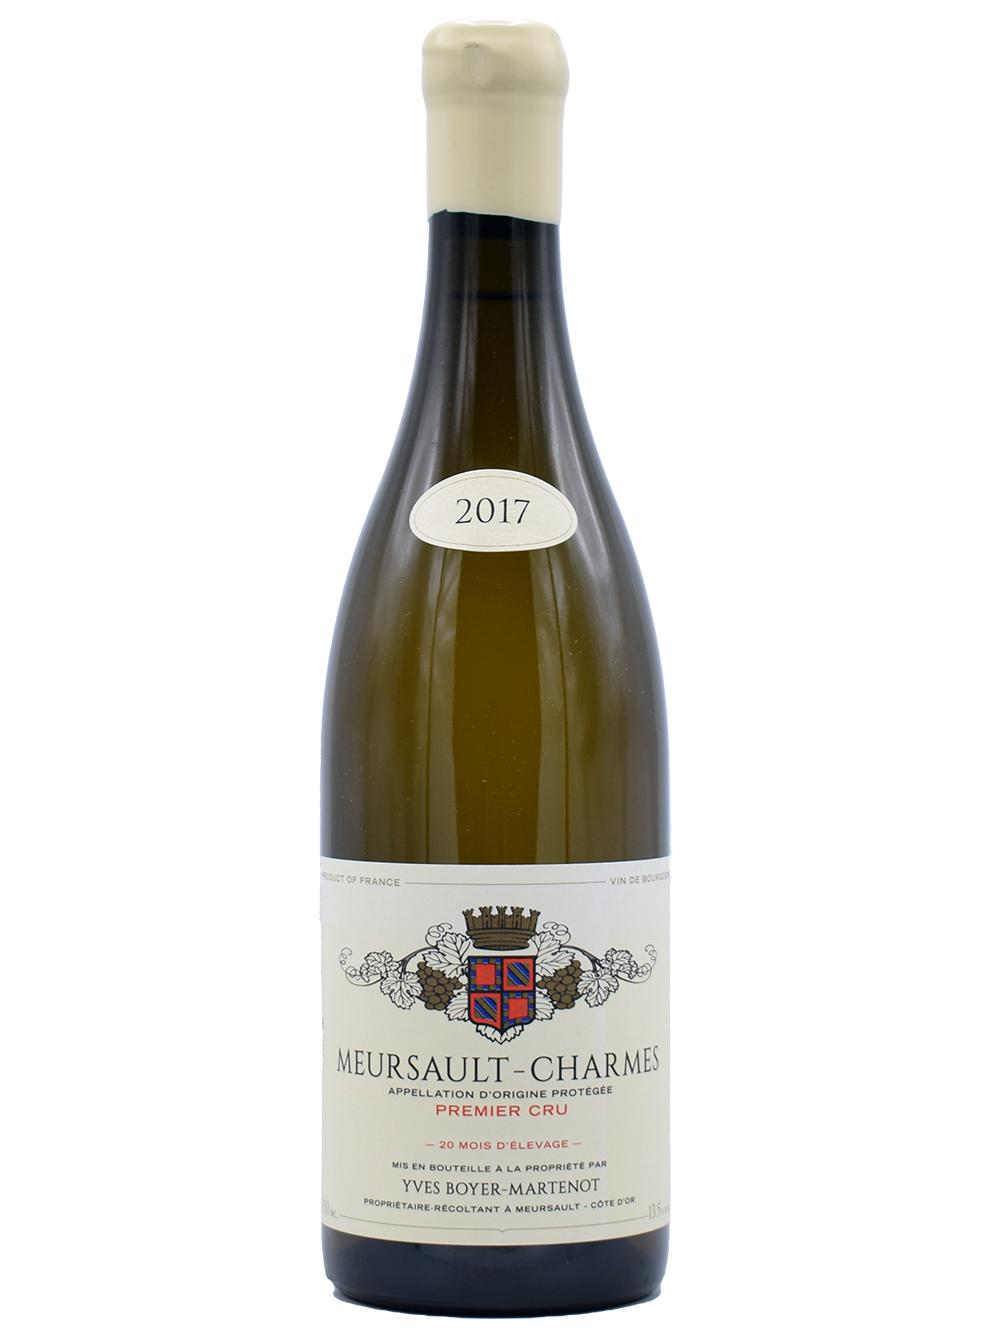 2017 Meursault 1er cru Charmes